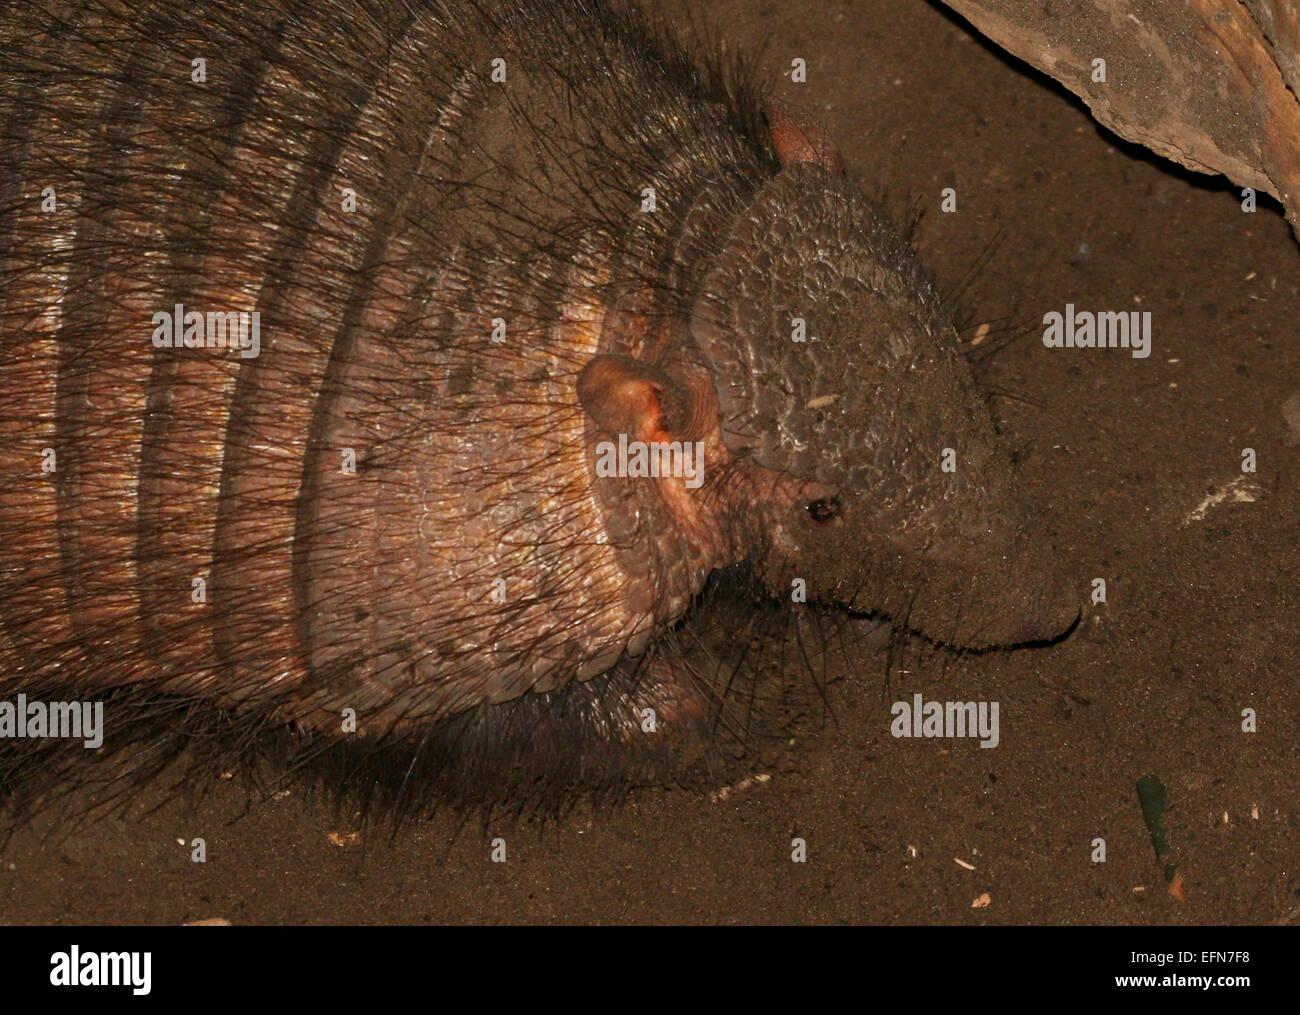 Grand tatou velu d'Amérique du Sud (Chaetophractus villosus) gros plan de la tête et le haut du corps Photo Stock